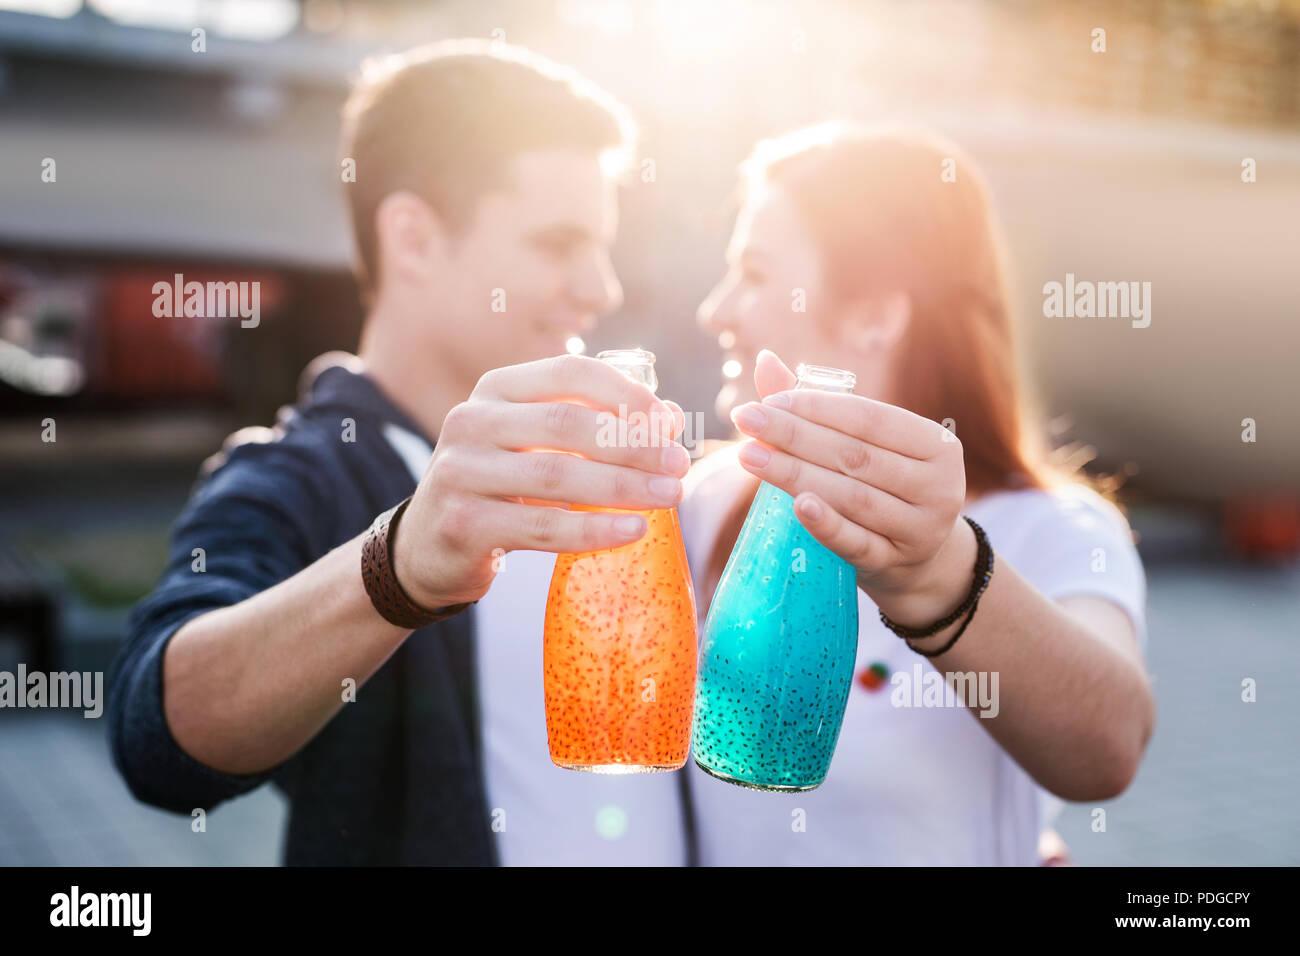 Selektiver Fokus der zwei Flaschen so köstlich. Stockbild